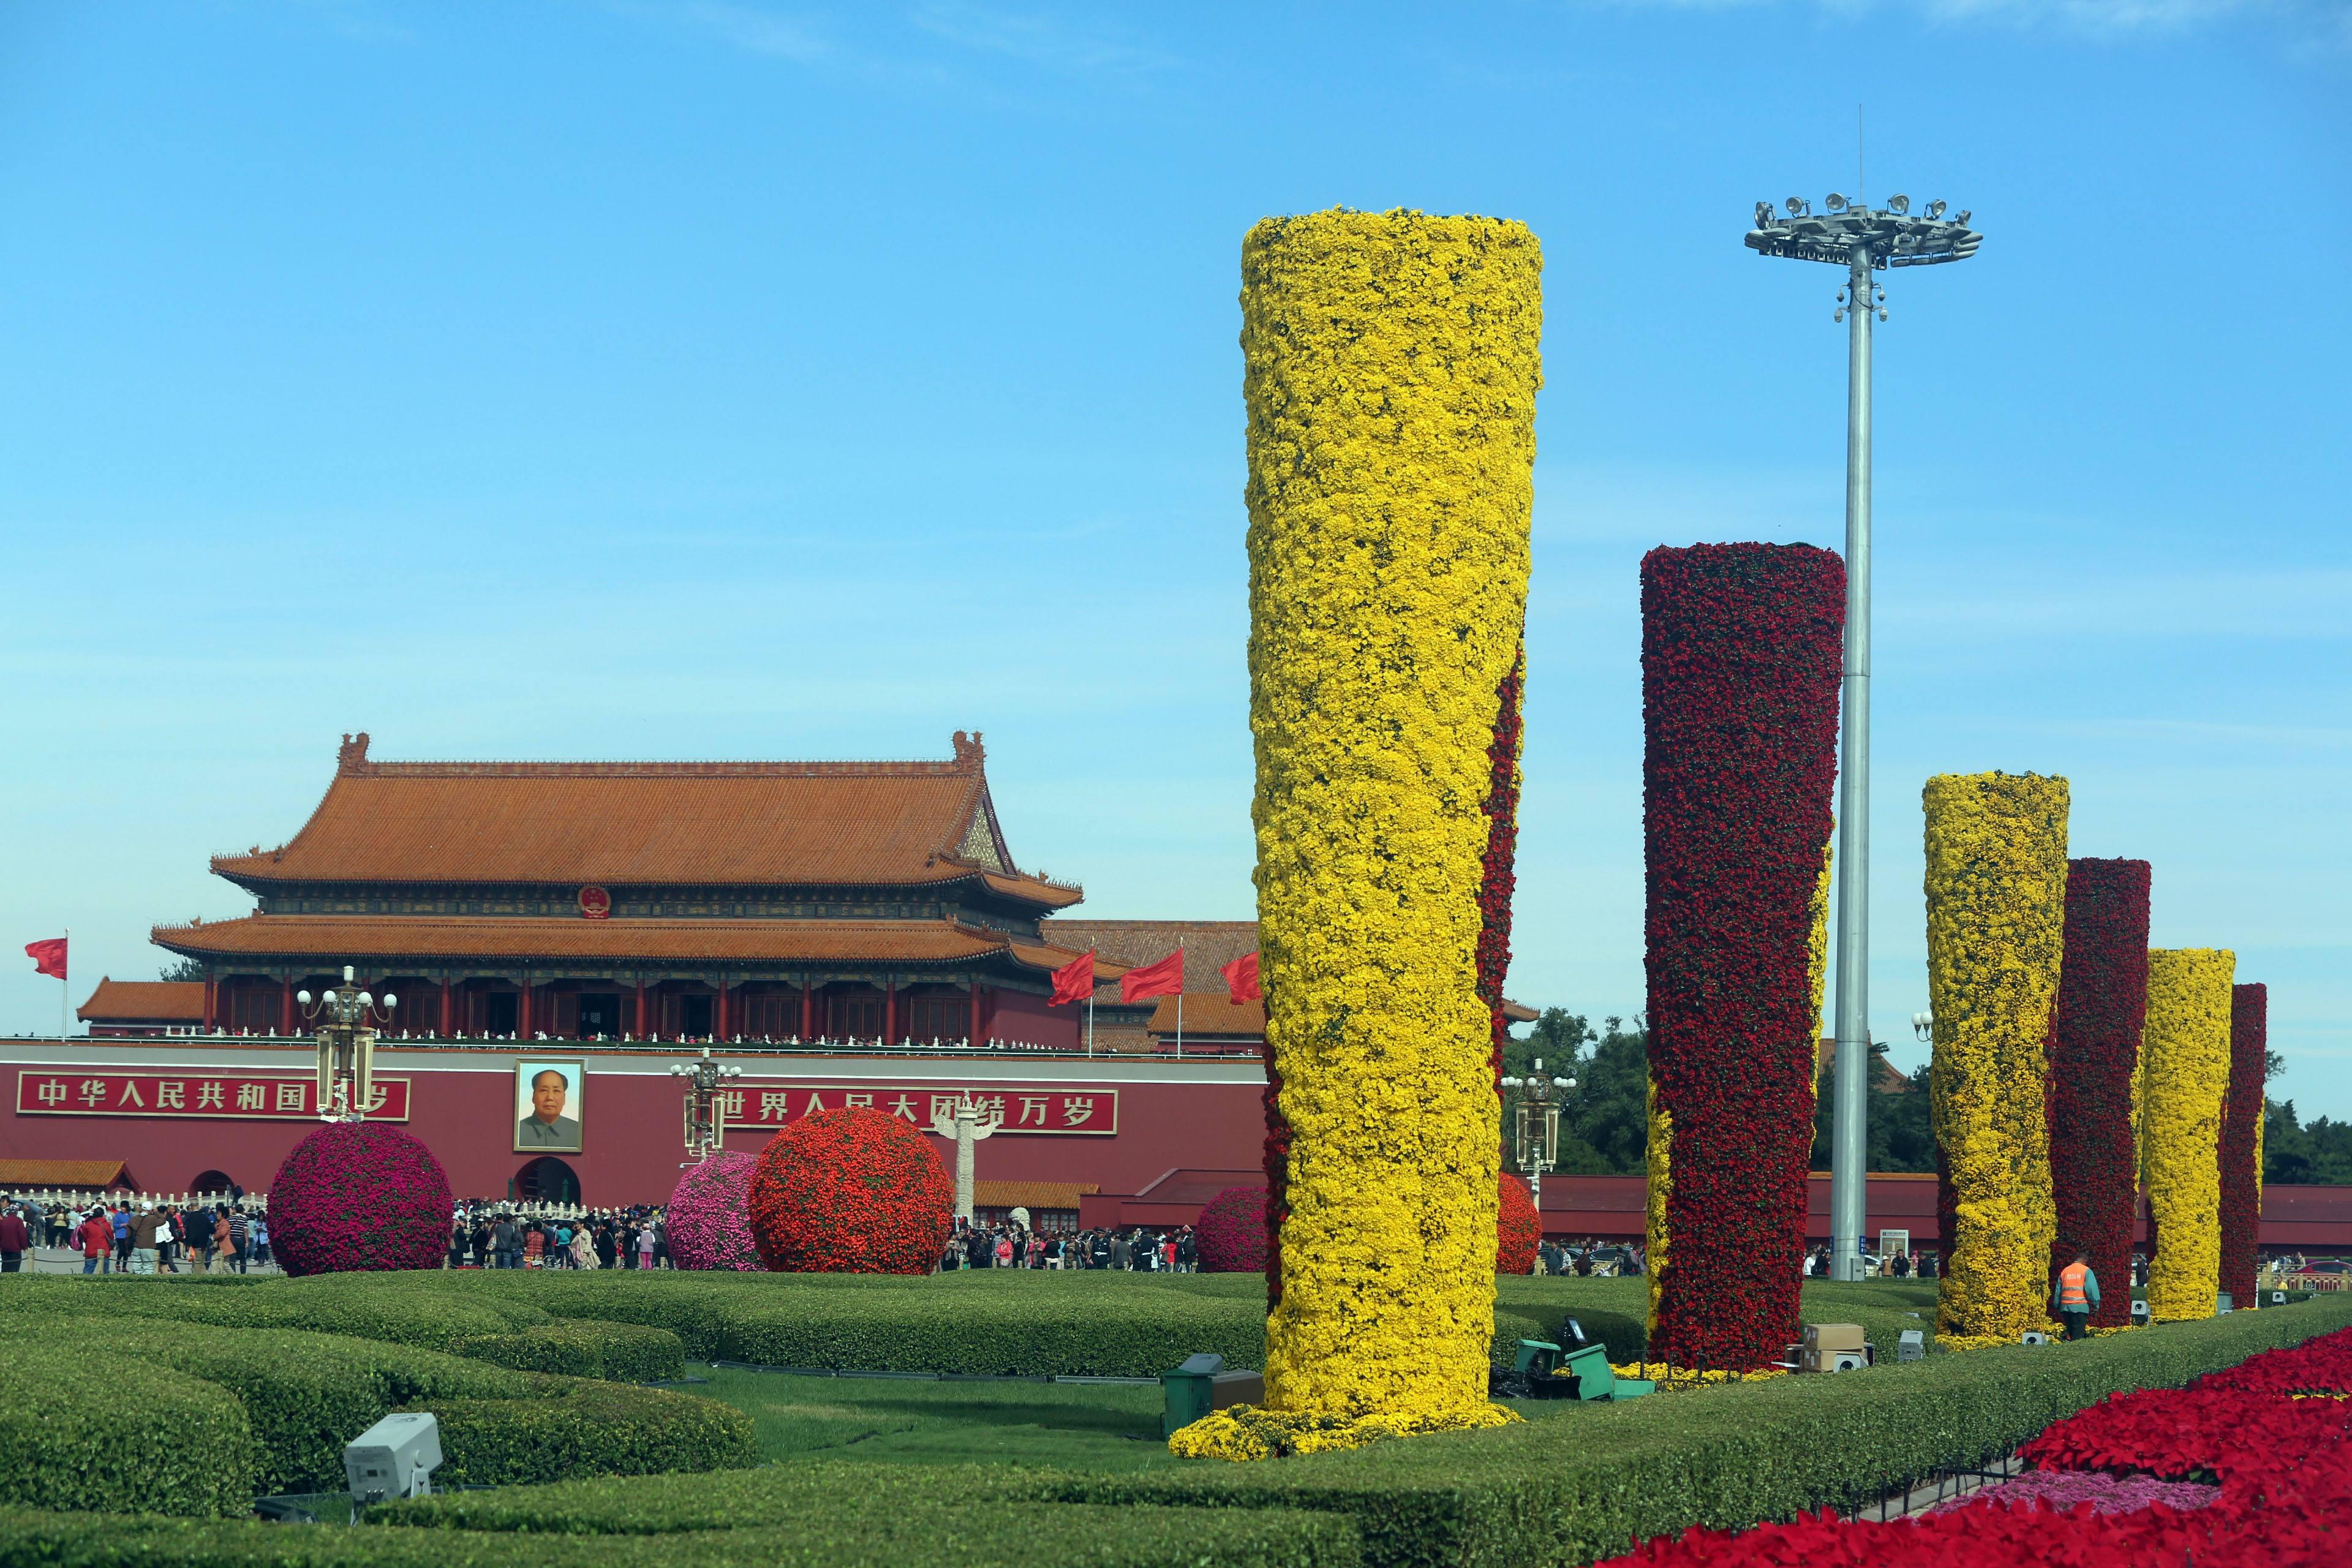 【天安门广场】--是世界上最大的城市中心广场,祖国北京的心脏!